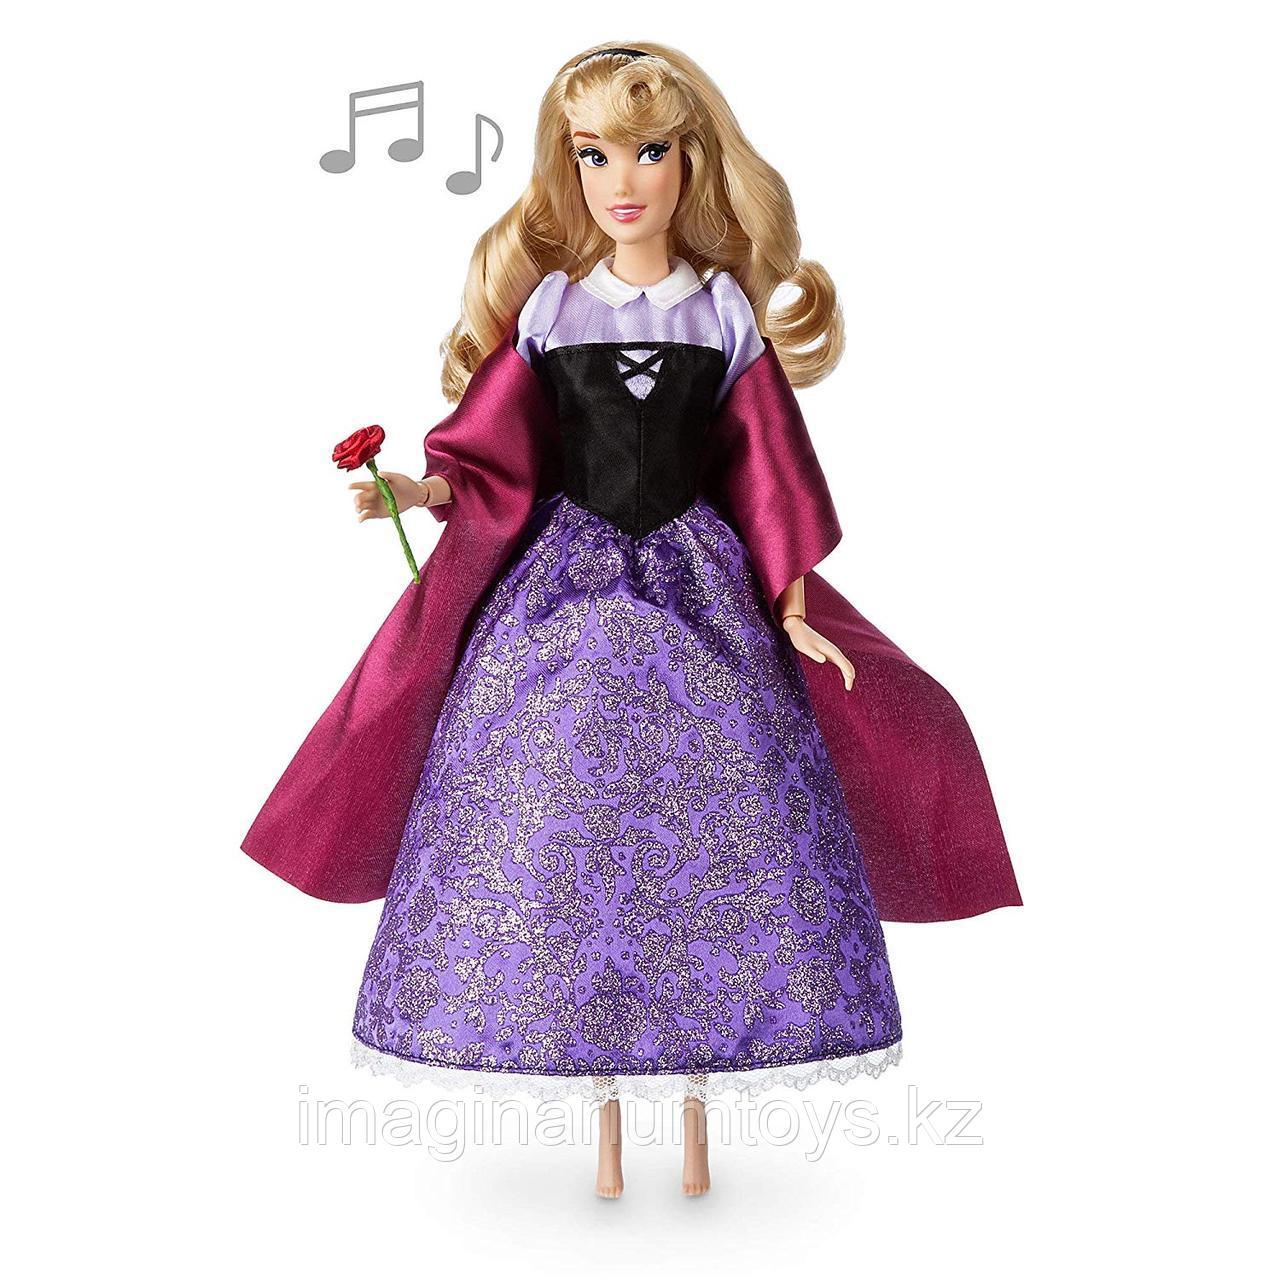 Кукла Аврора поющая из м/ф «Спящая красавица» Disney